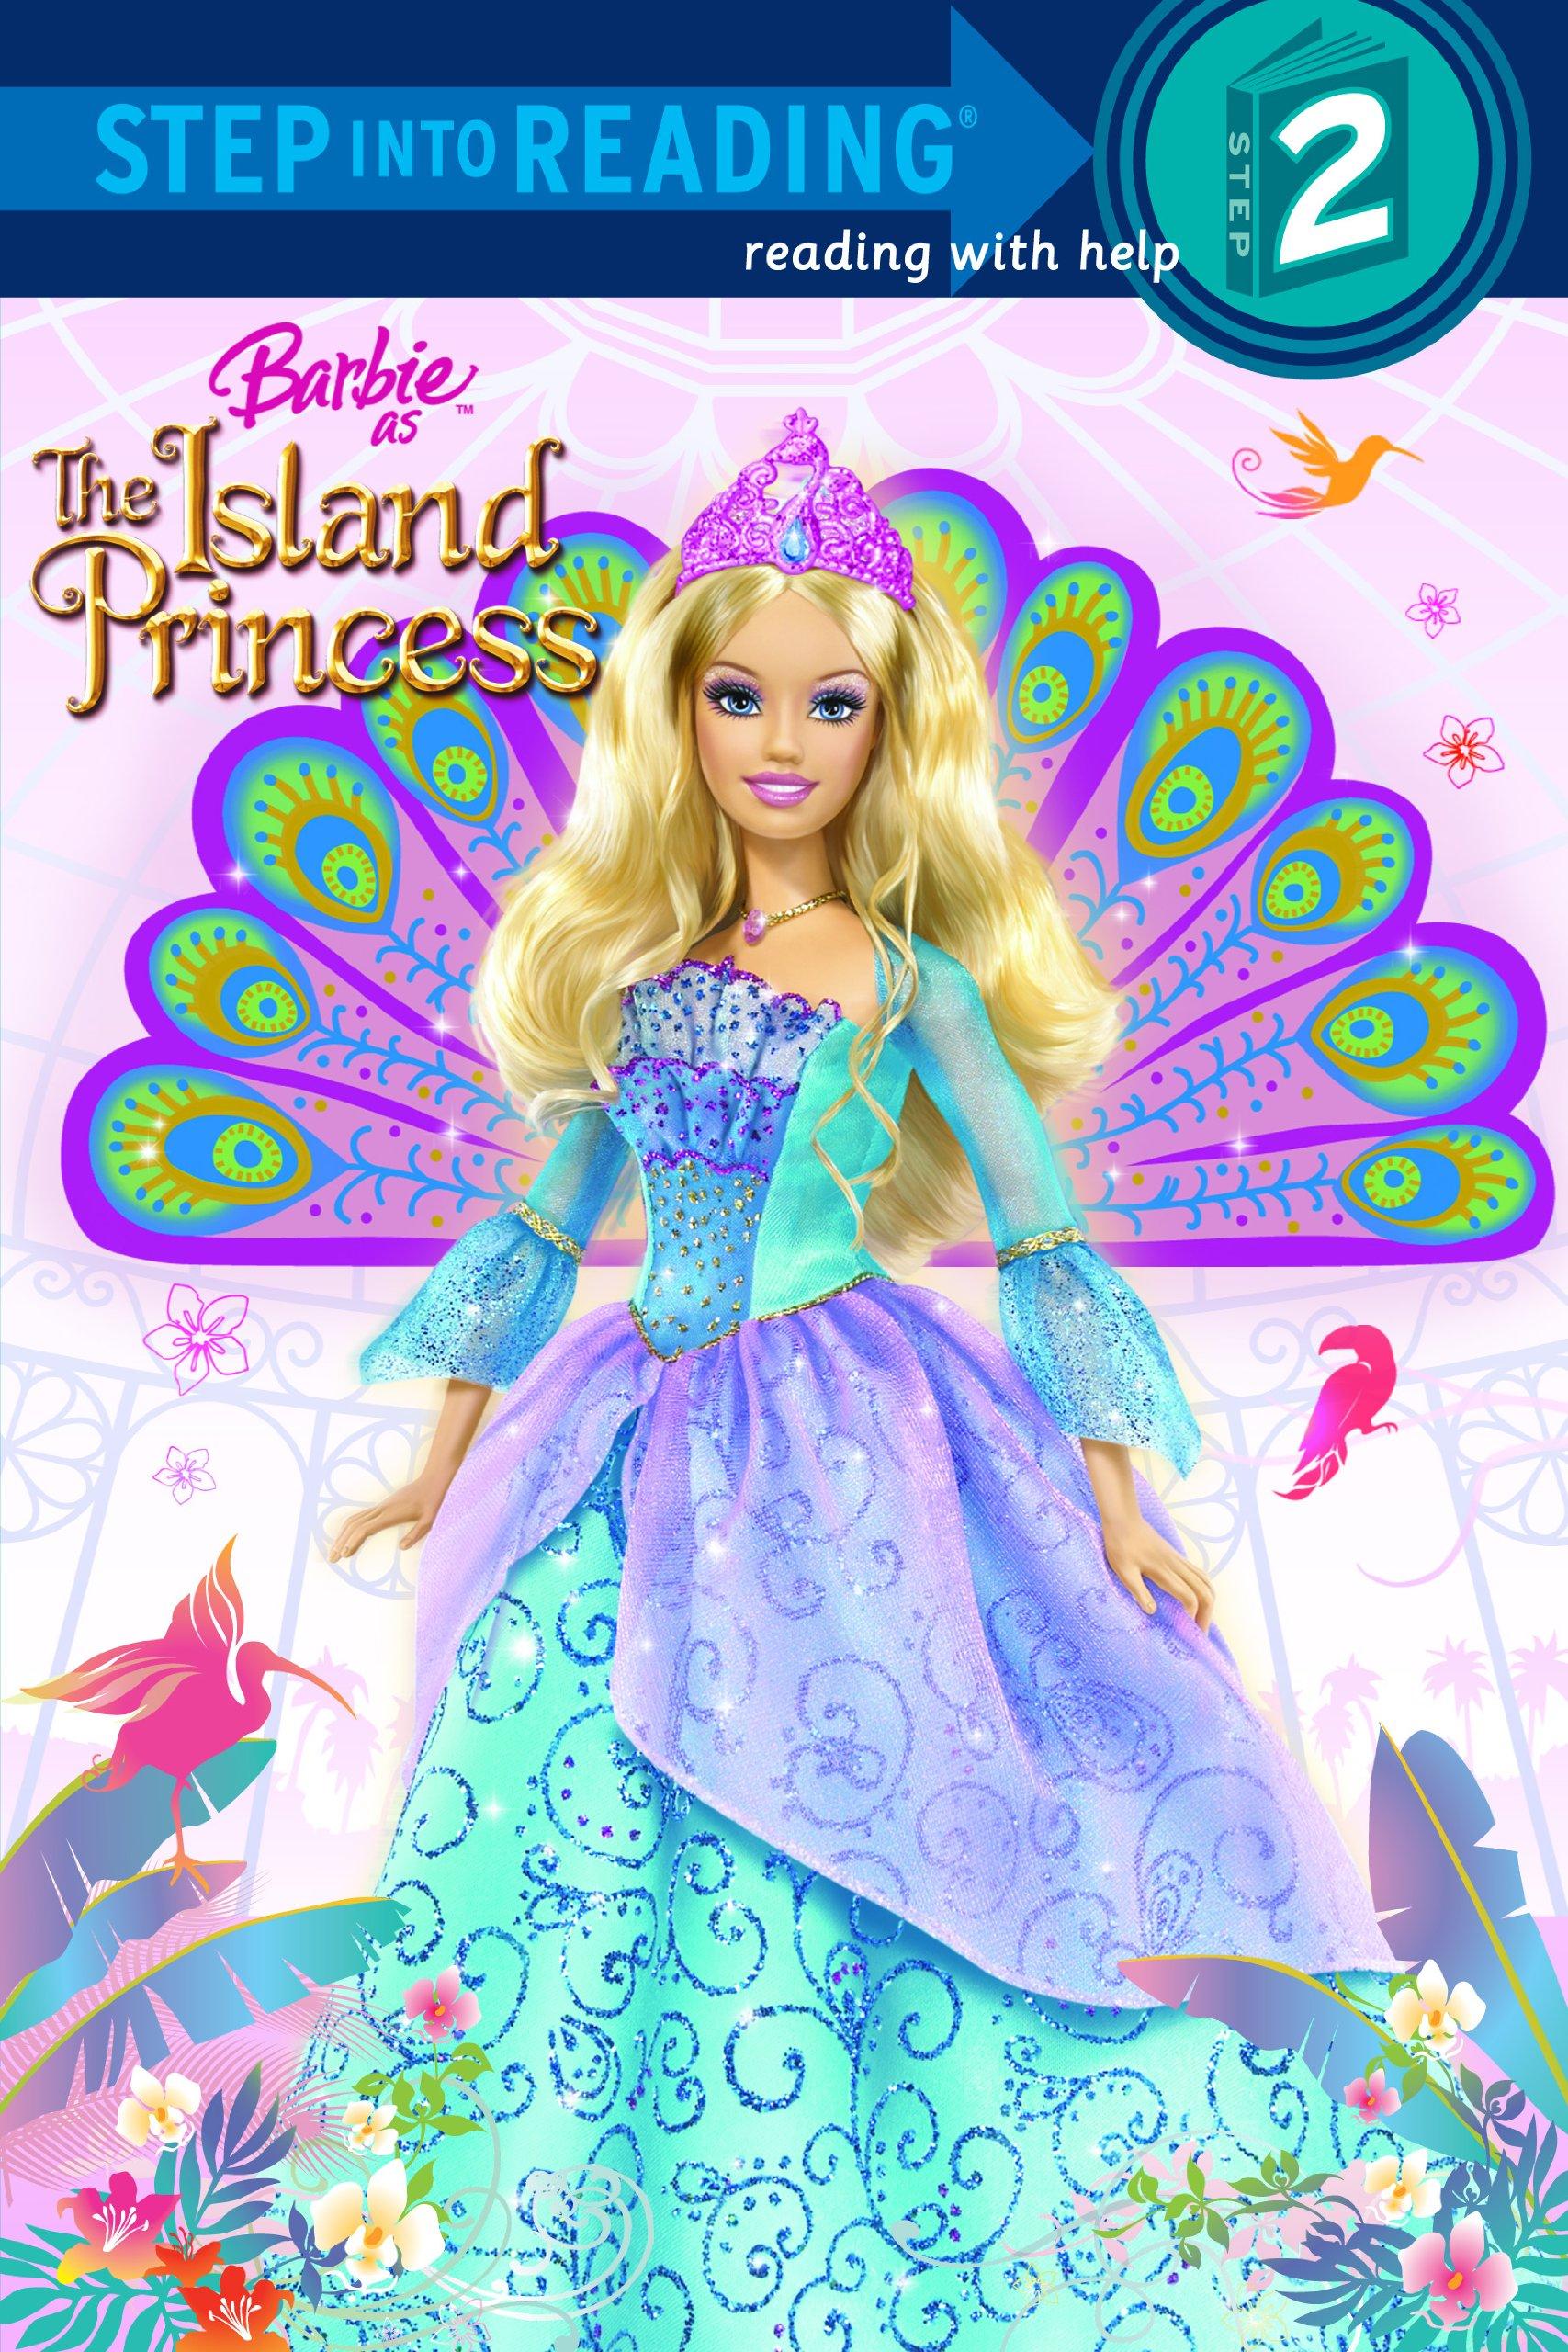 how to draw barbie princess charm school step by step